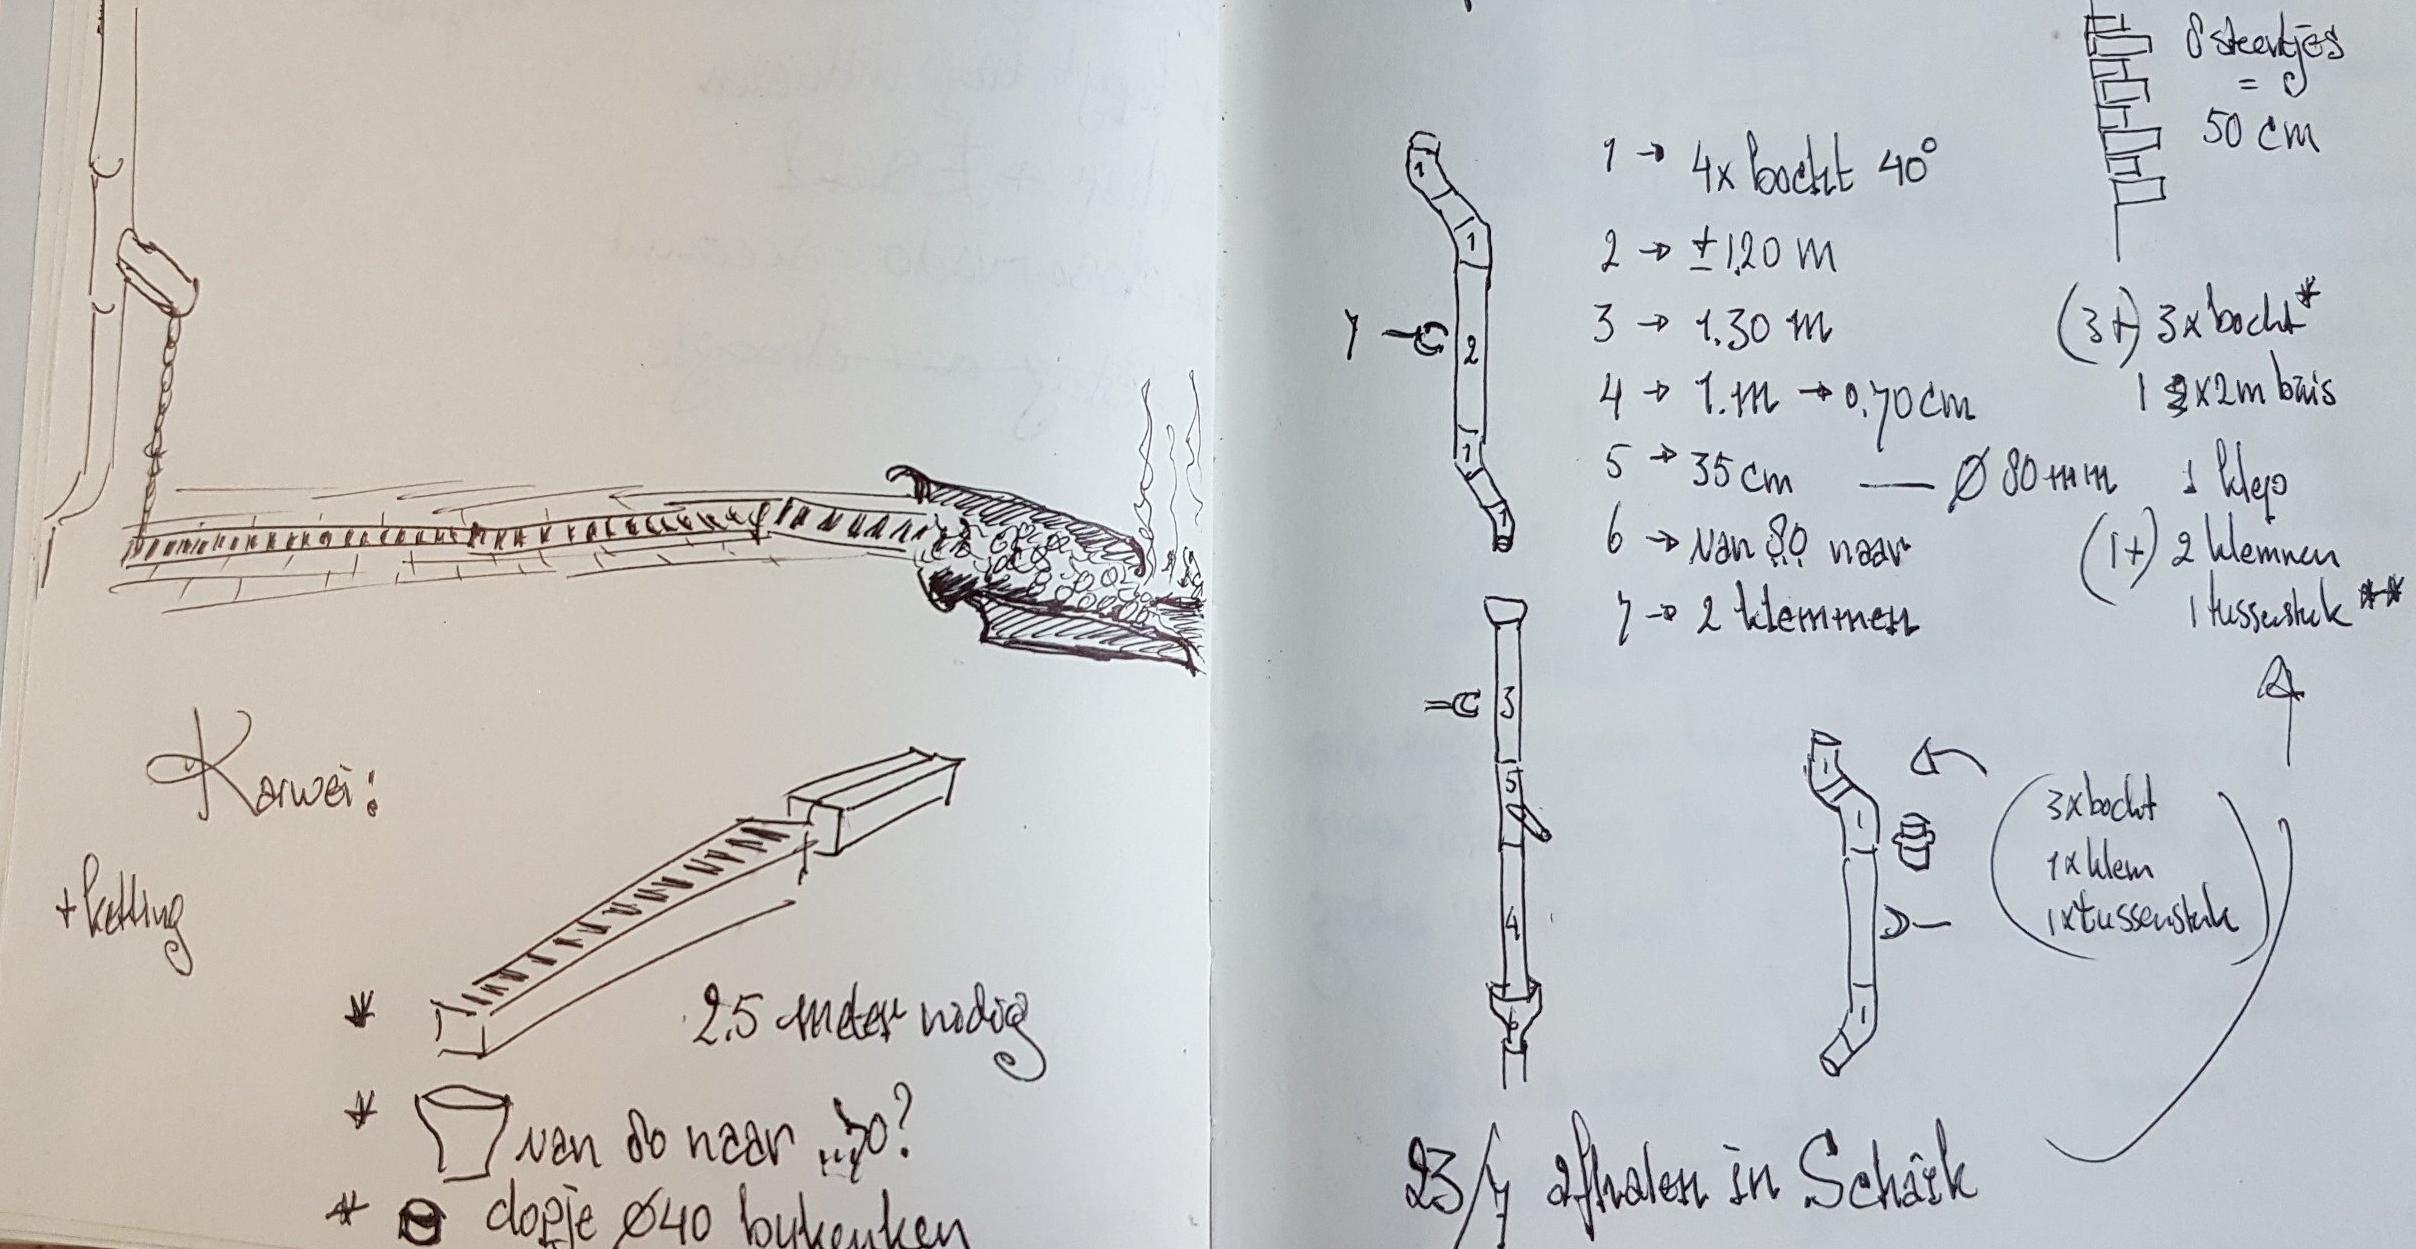 tekening met gewenste situatie: een lange goot